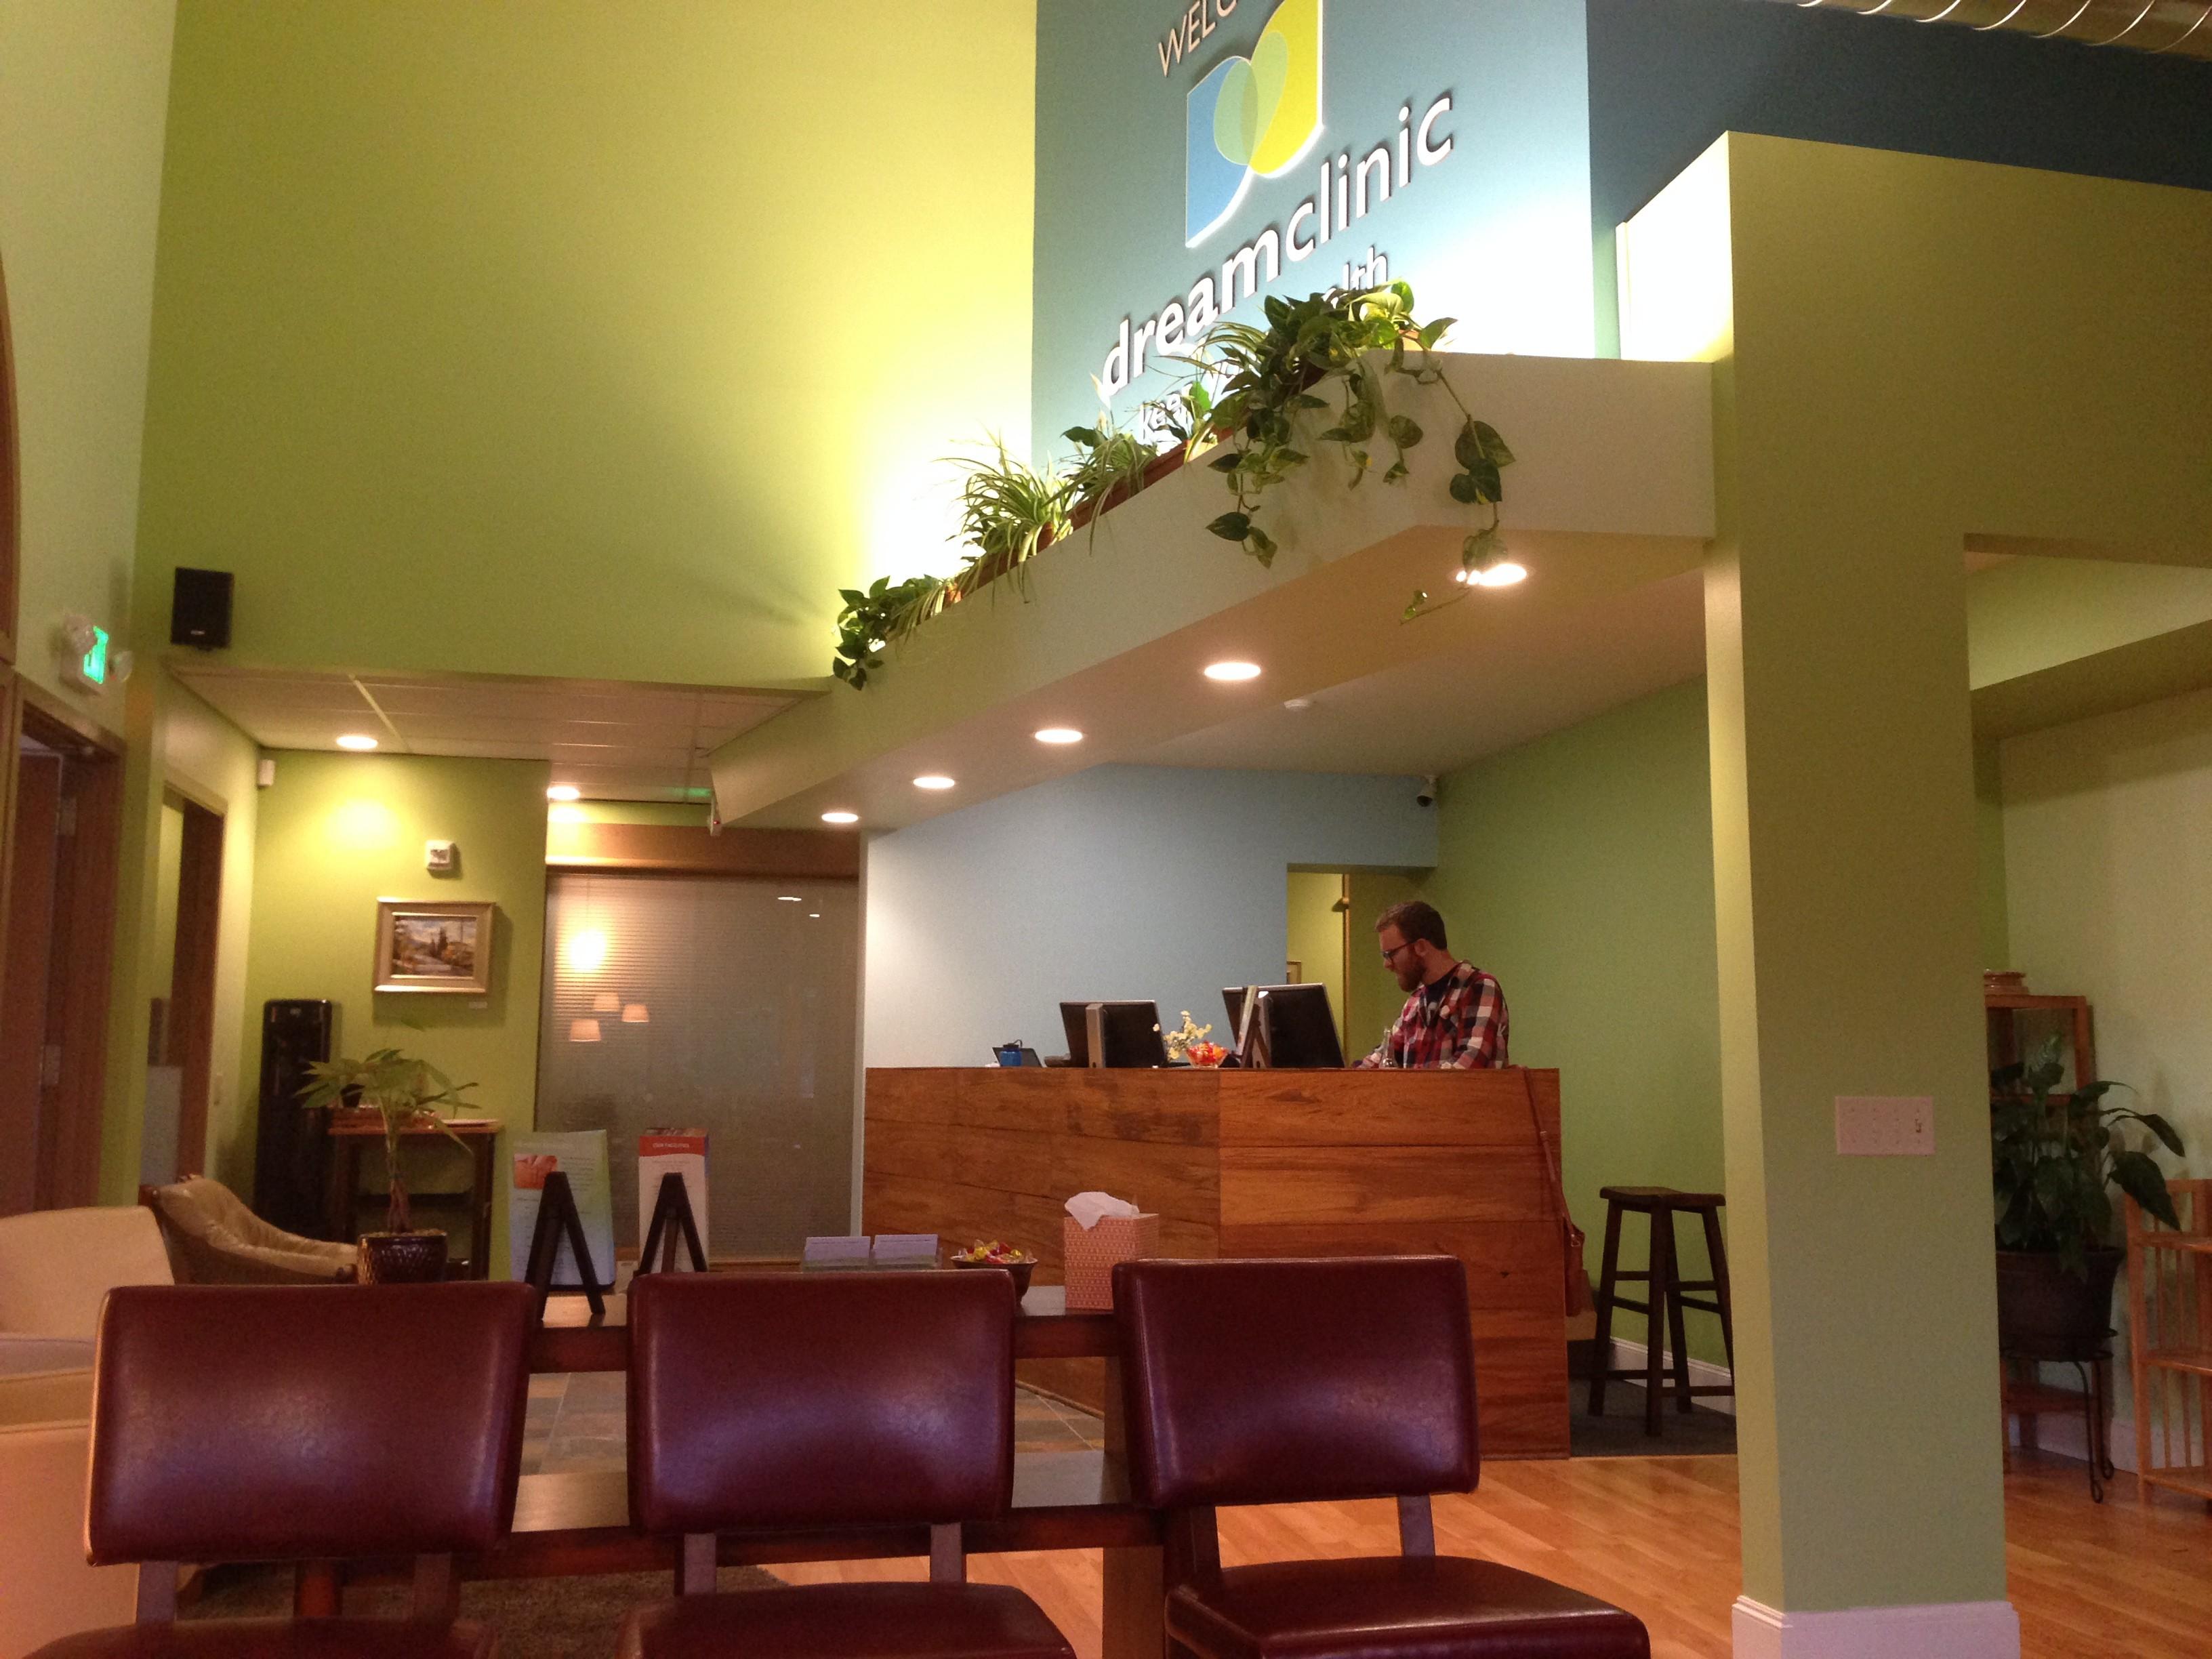 Redmond Massage & Acupuncture | Dreamclinic Massage ...